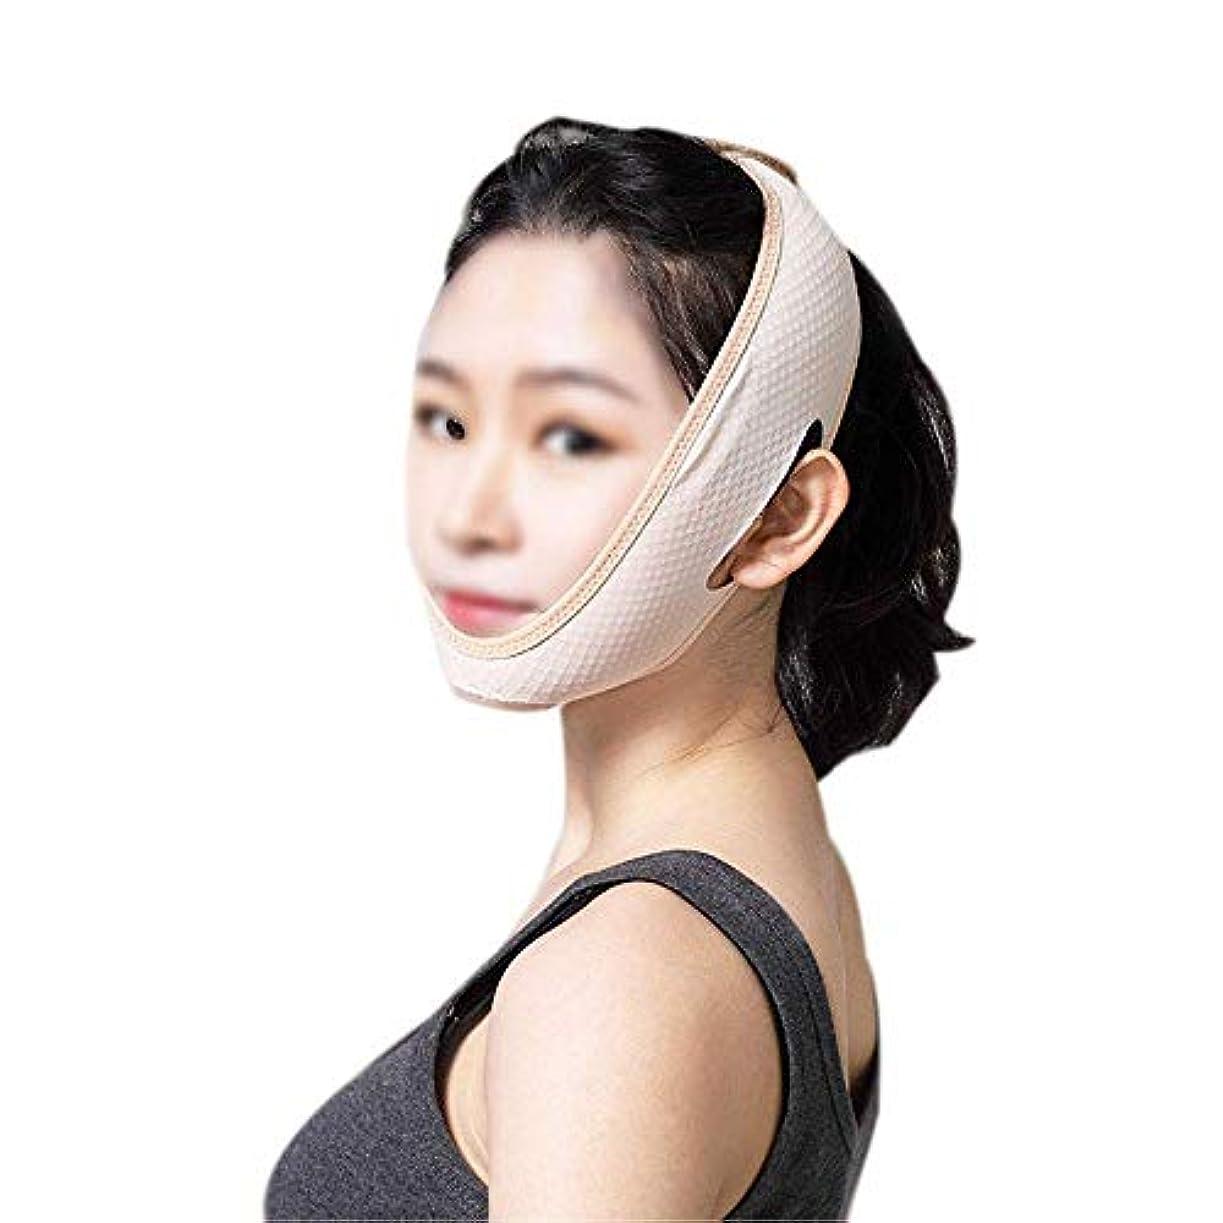 楽なアーサー手伝うフェイスリフティングバンデージ、肌の引き締めを強化する薄いフェイスマスクの睡眠、ダブルチンマスクの削減